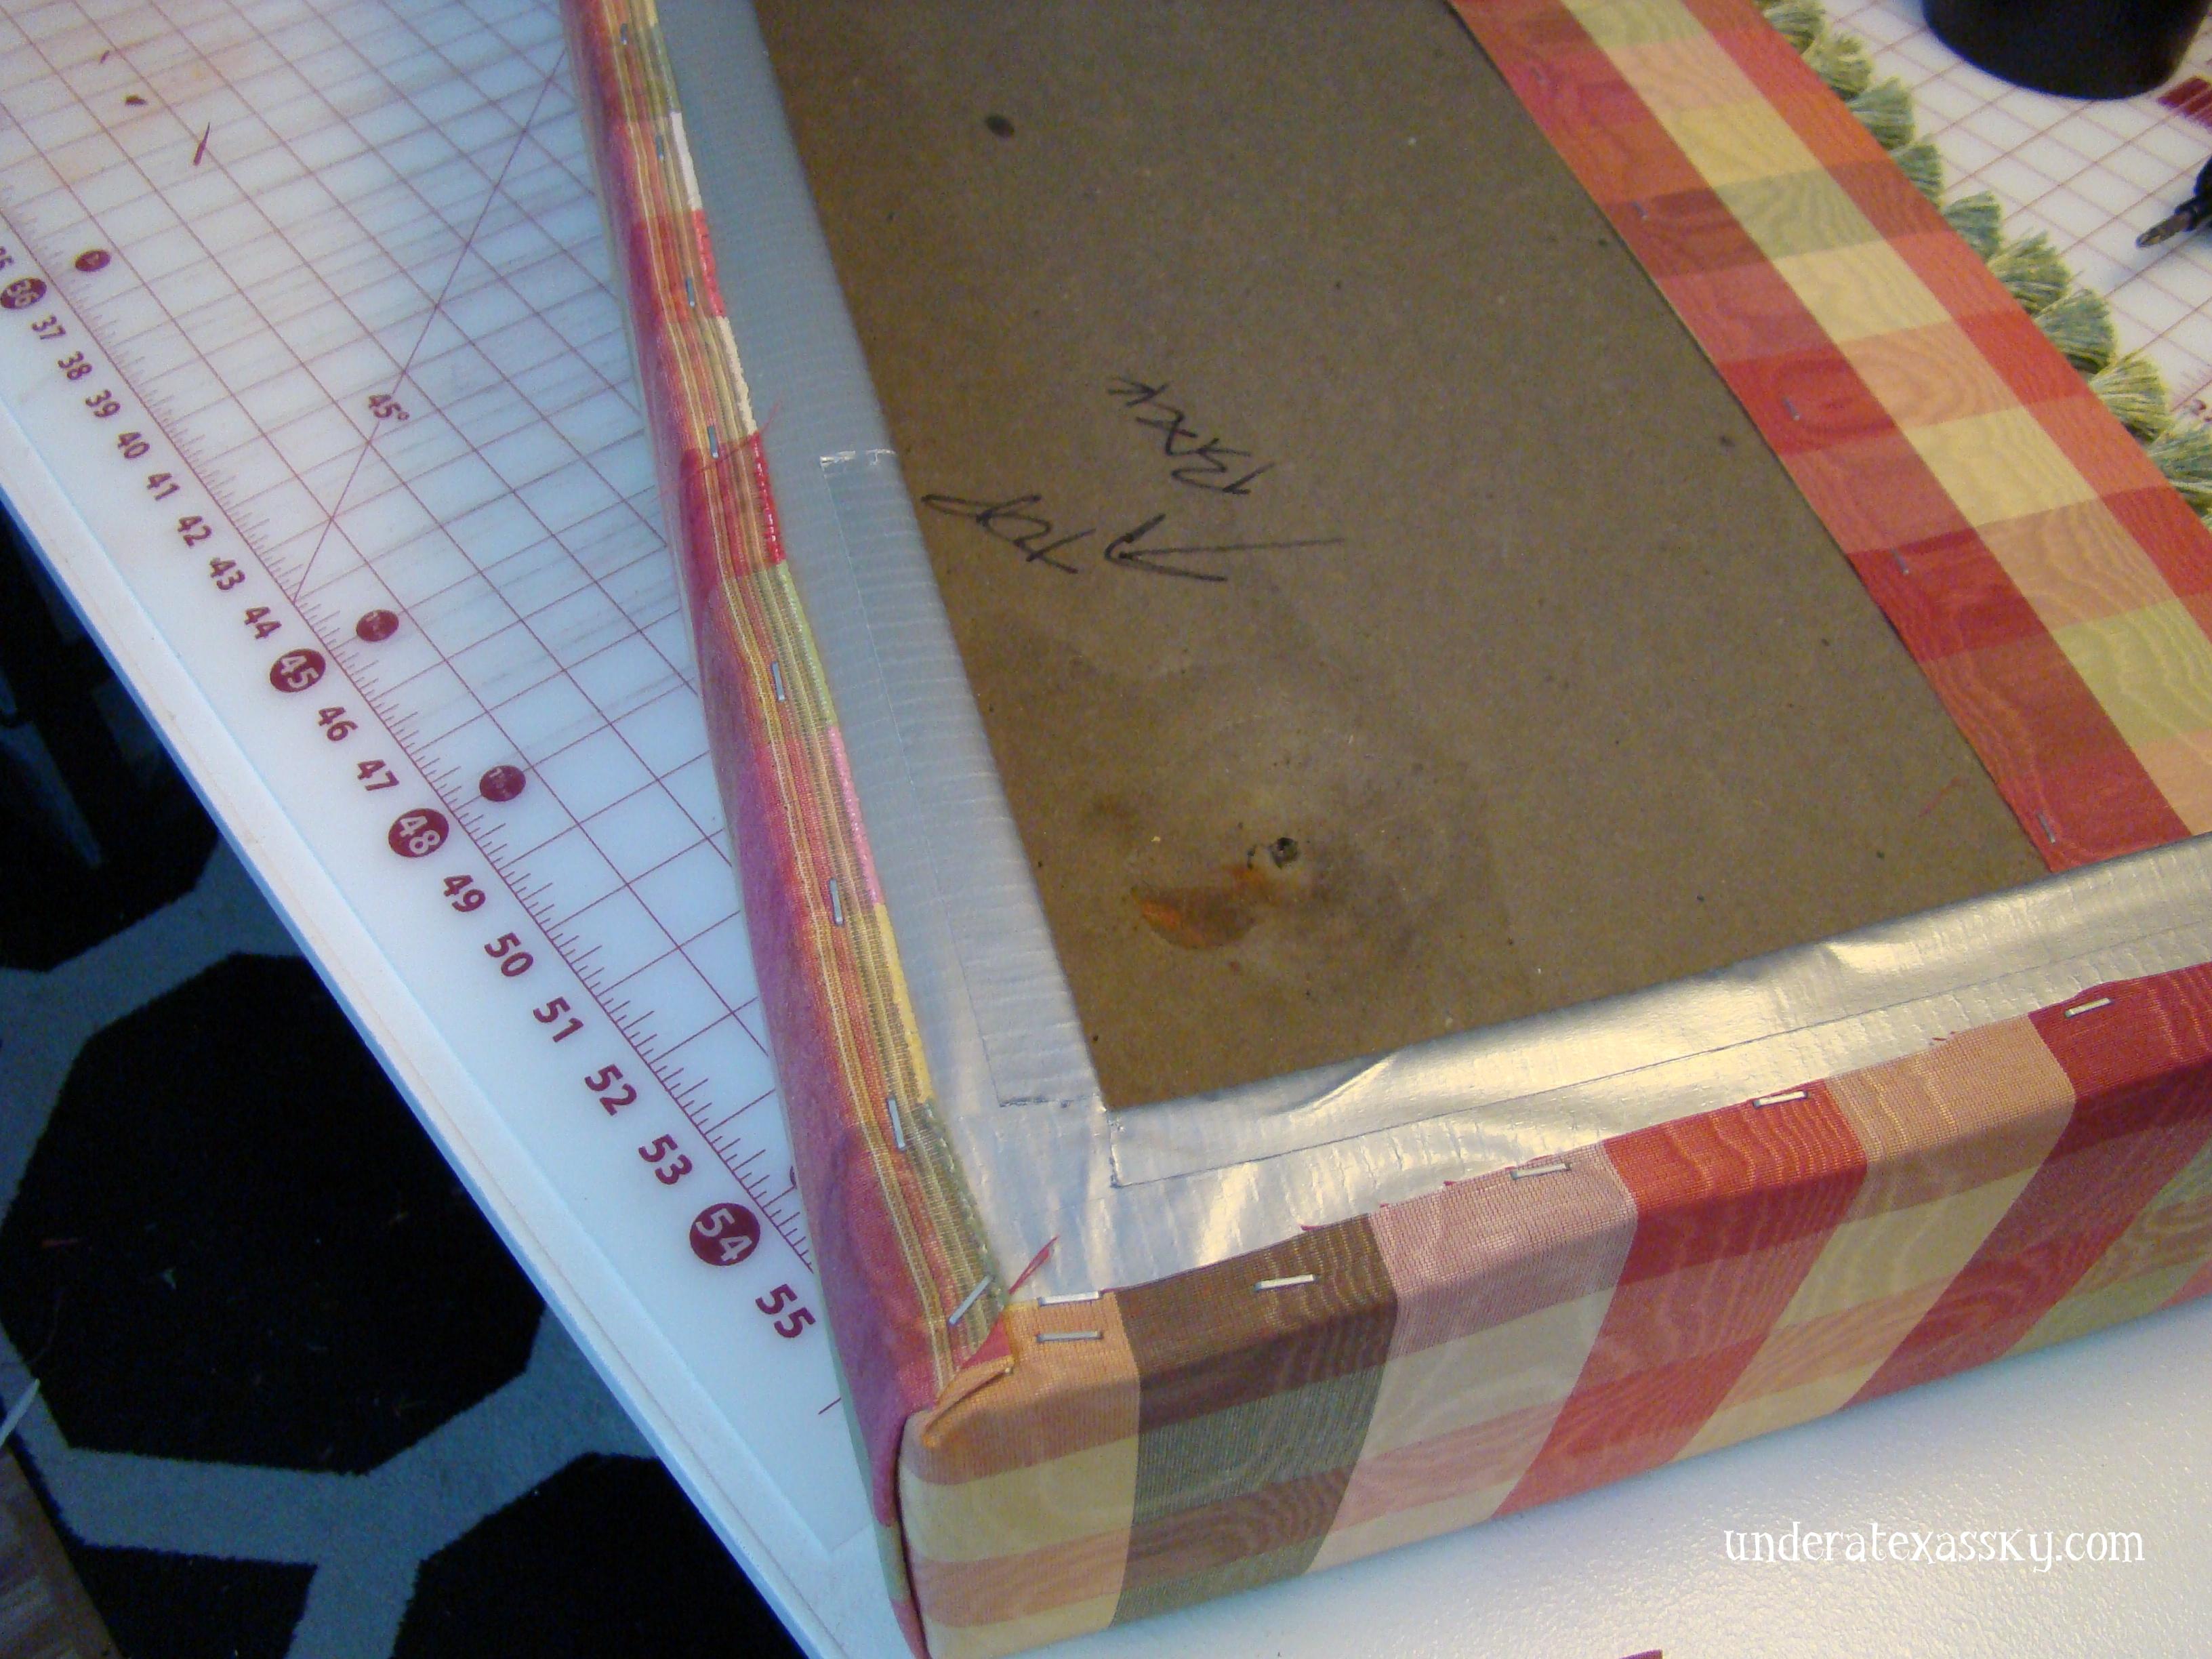 Cornice Board From Foam Insulation Board